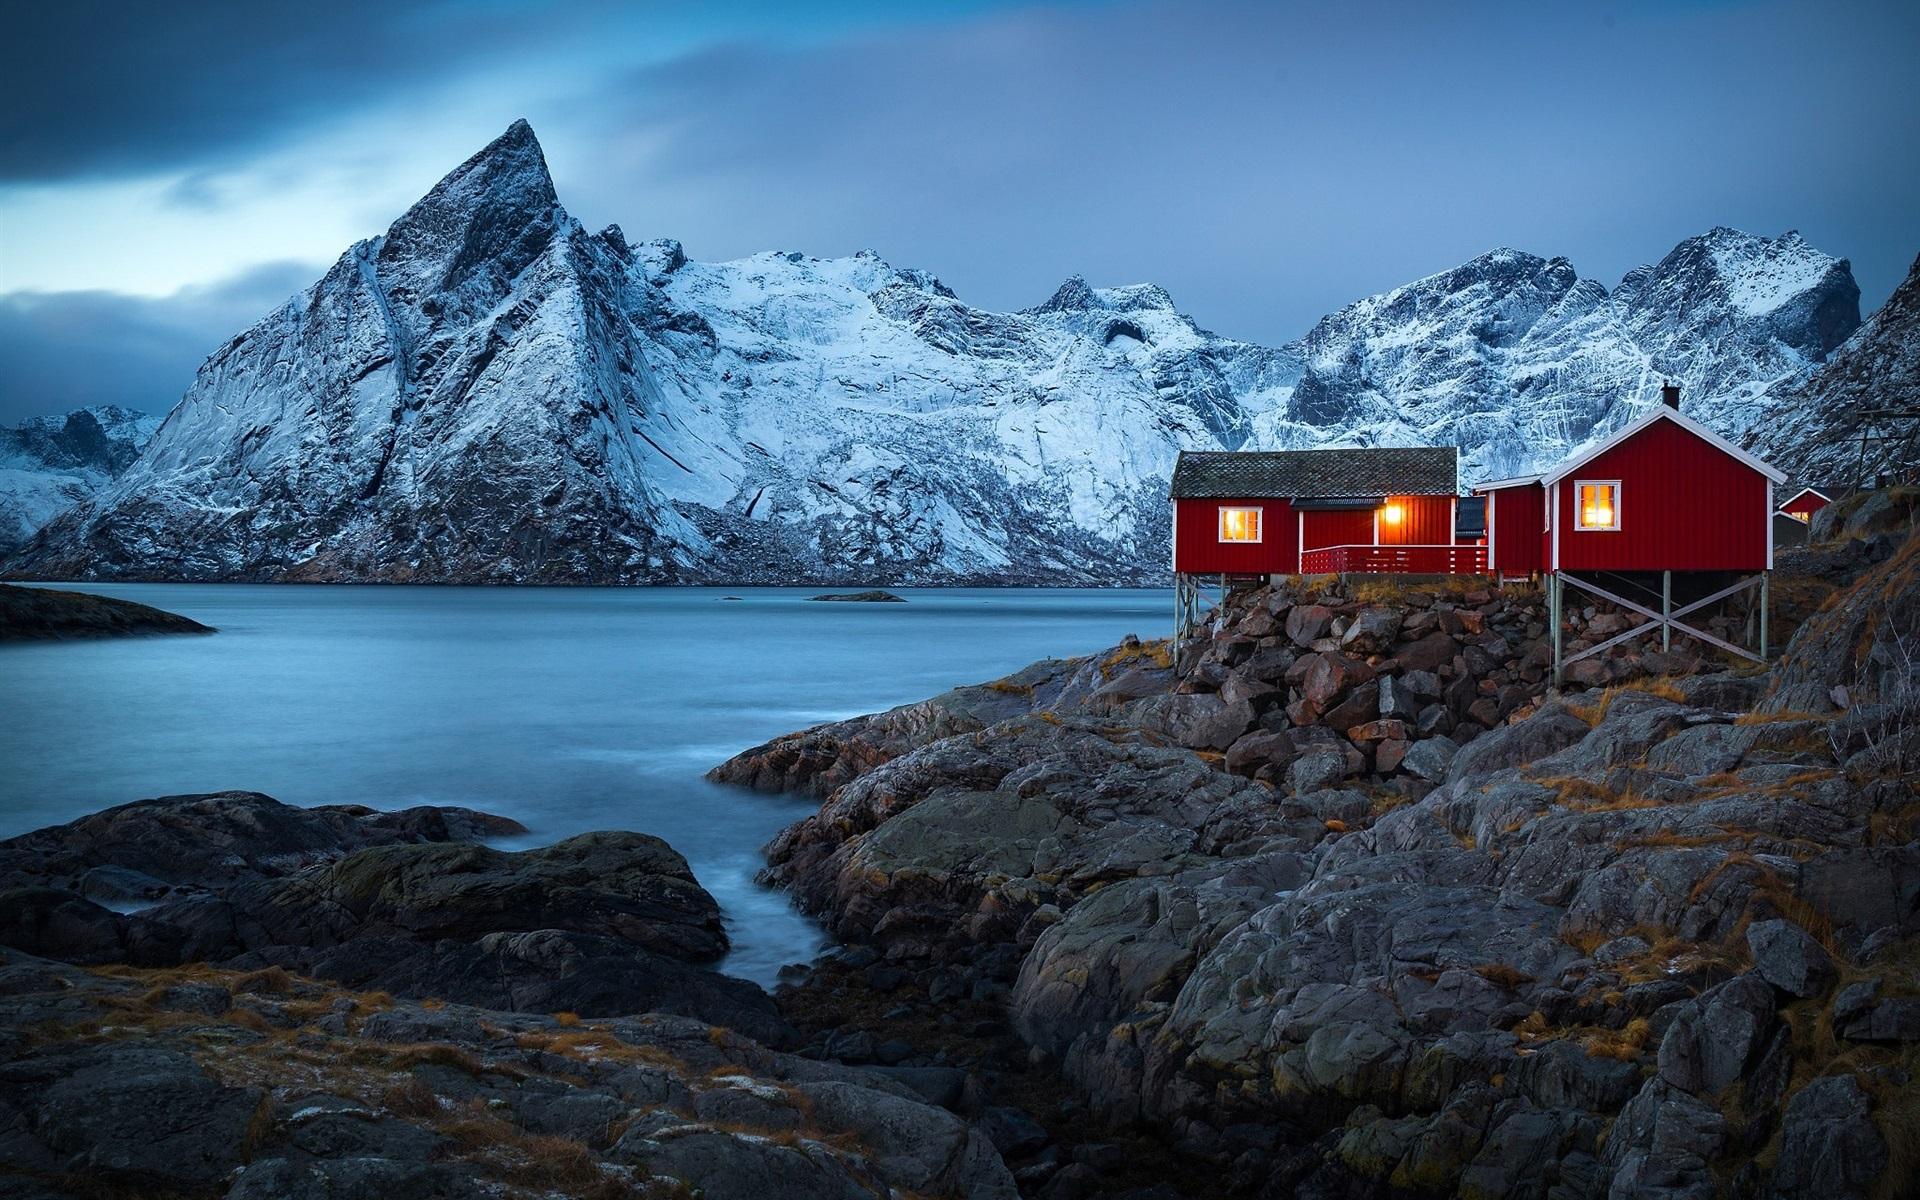 norwegen dorf h user fjord berge winter schnee lichter 1920x1200 hd hintergrundbilder hd. Black Bedroom Furniture Sets. Home Design Ideas